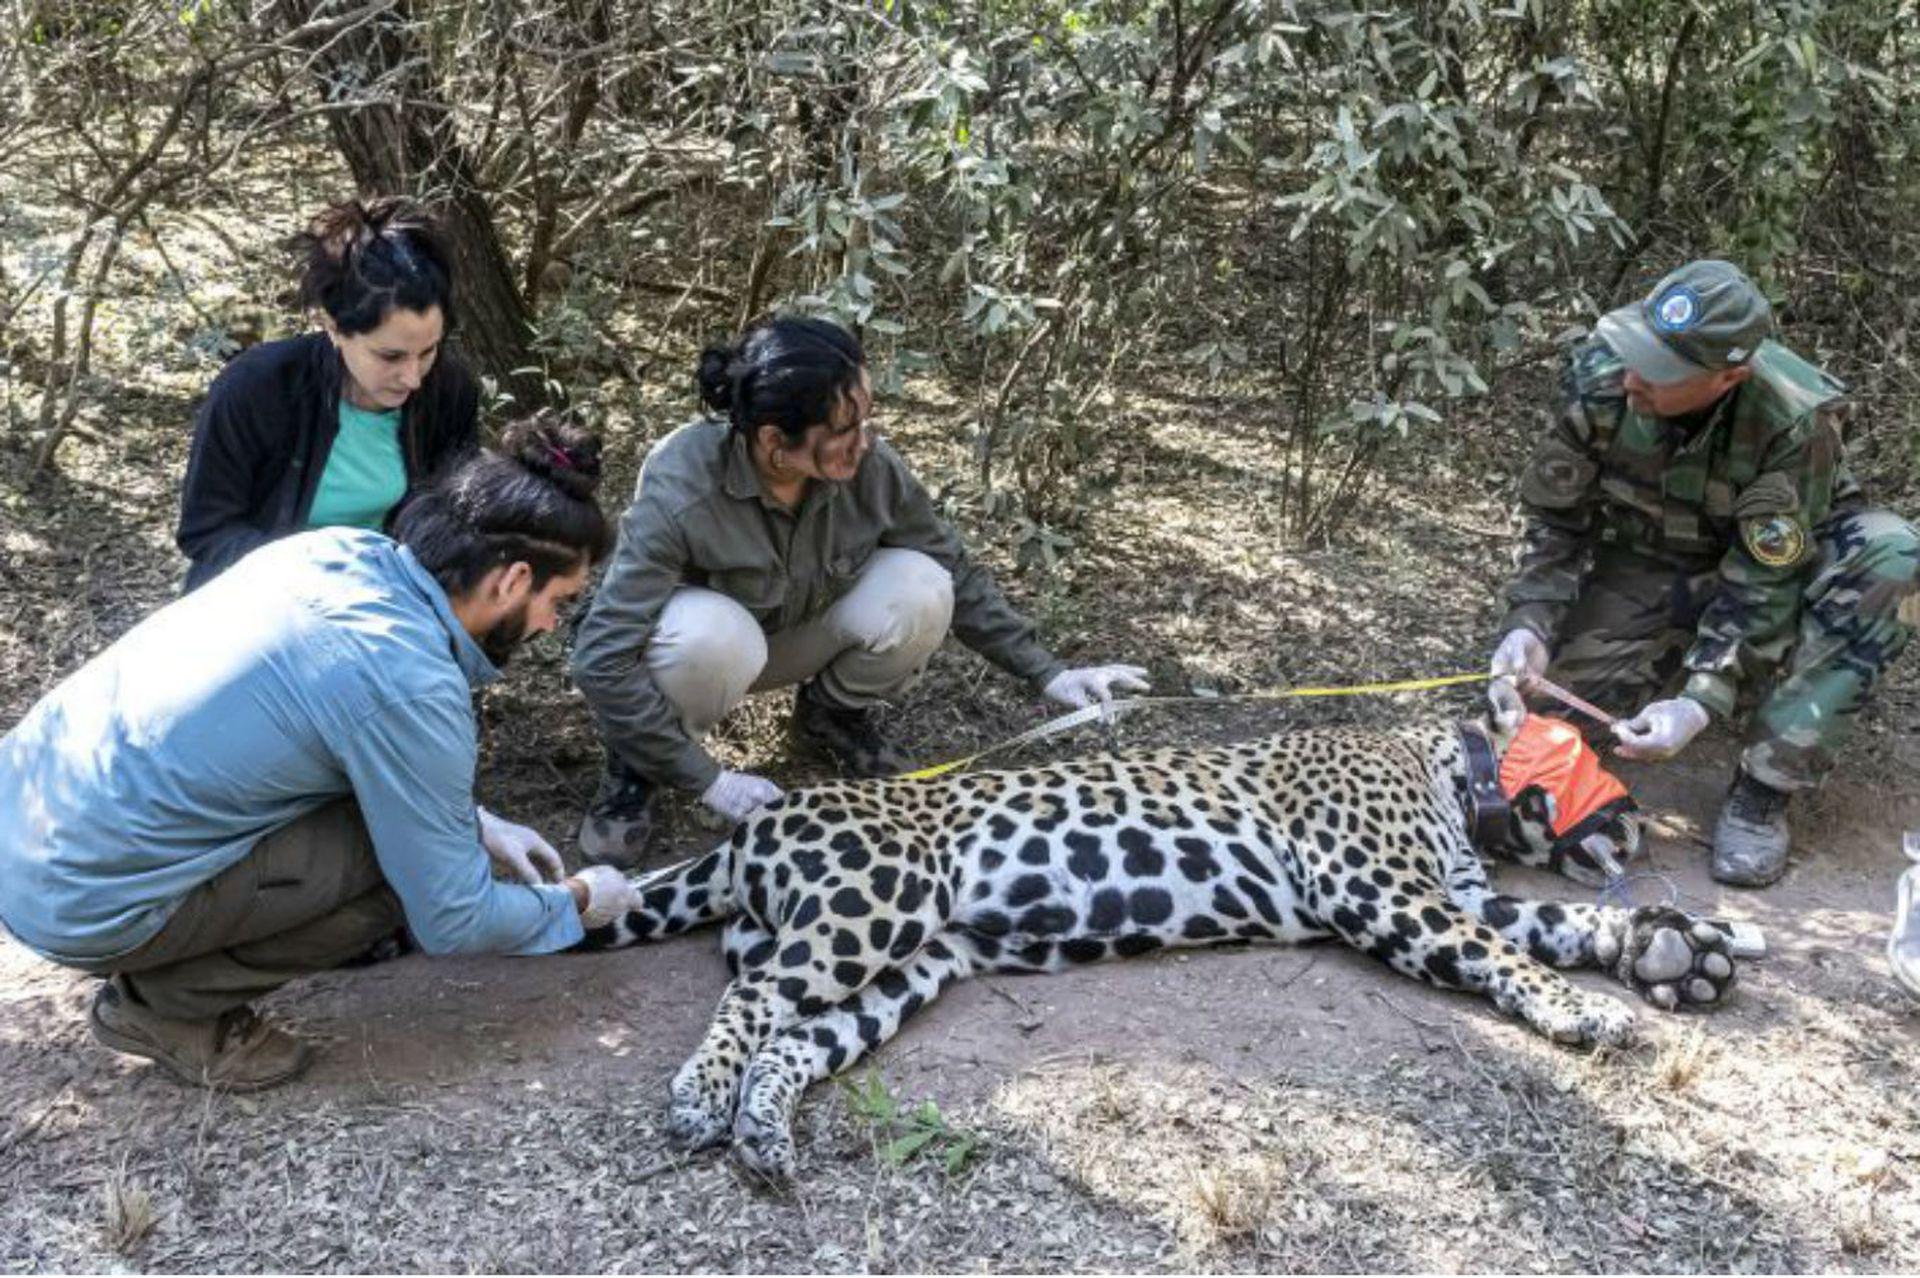 Veterinarios, biólogos expertos en yaguaretés y guardaparques atendieron y estudiaron al animal capturado